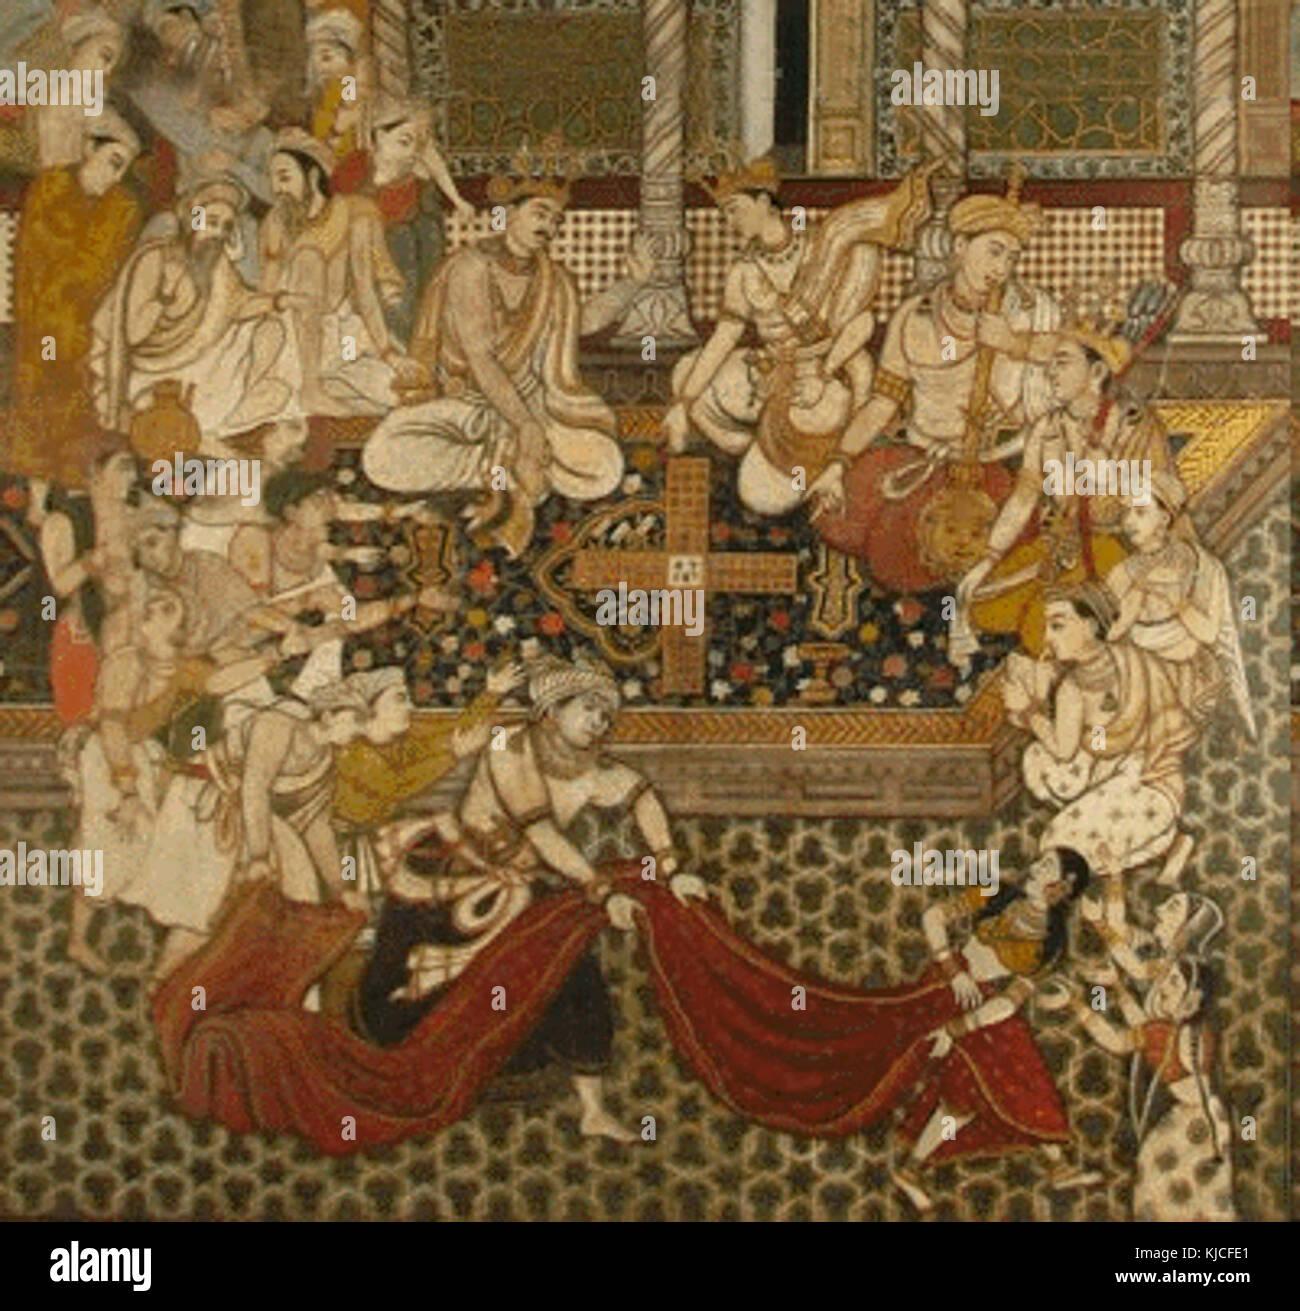 Illustration from Persian Mahabharata - Stock Image